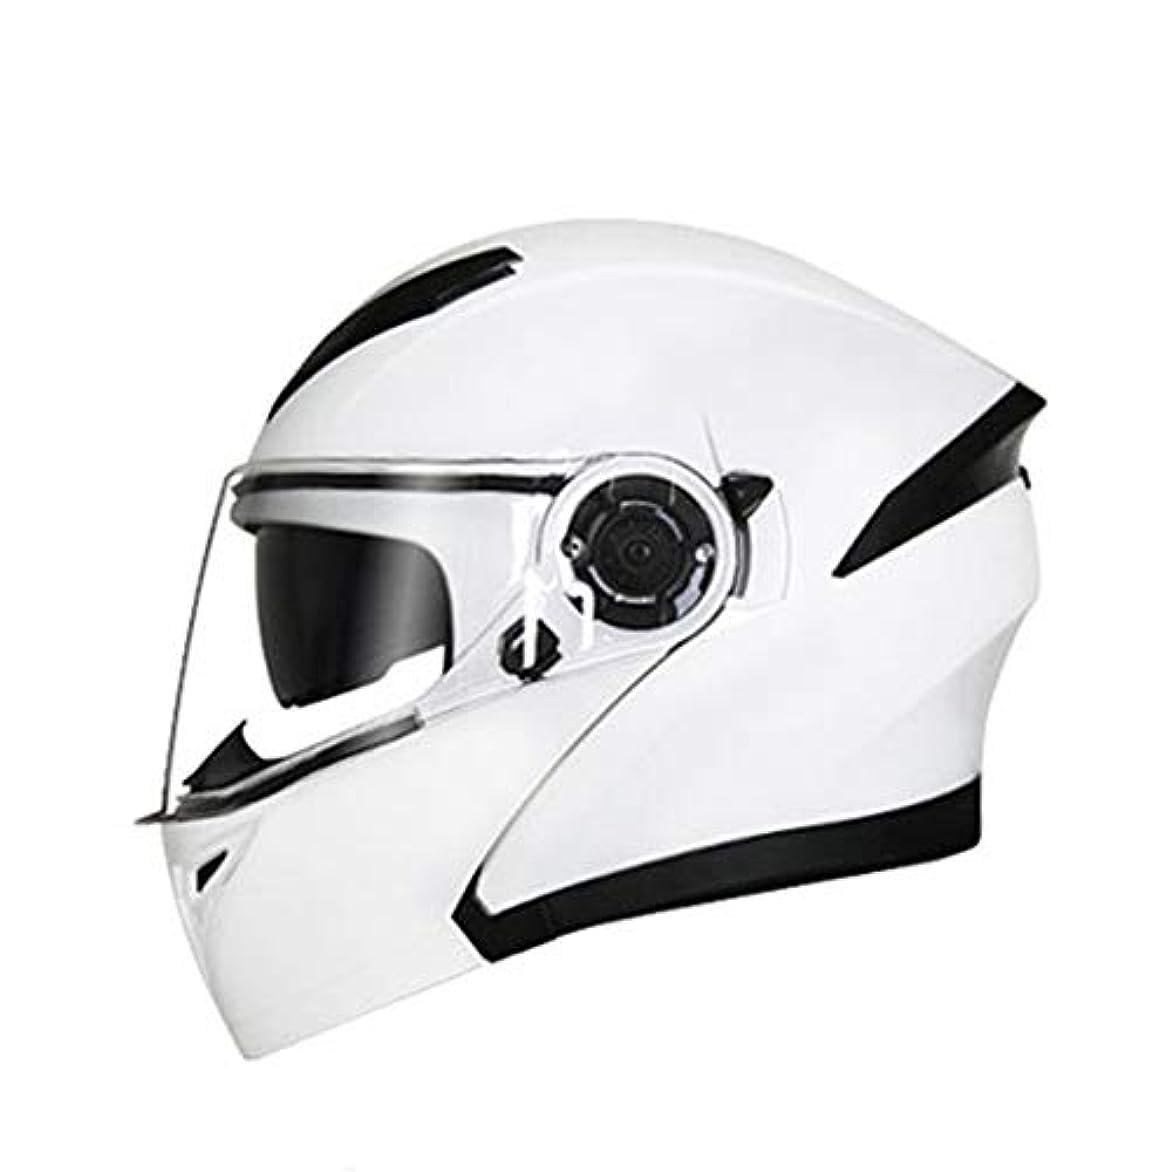 カウントアップ空港九時四十五分ETH ダブルミラーオープンフェイスヘルメットメンズ四季ユニバーサルヘルメット電動バイクヘルメットフルカバーブルートゥースレディースフルフェイスヘルメット - ホワイト - 人格パターン 保護 (Size : L)